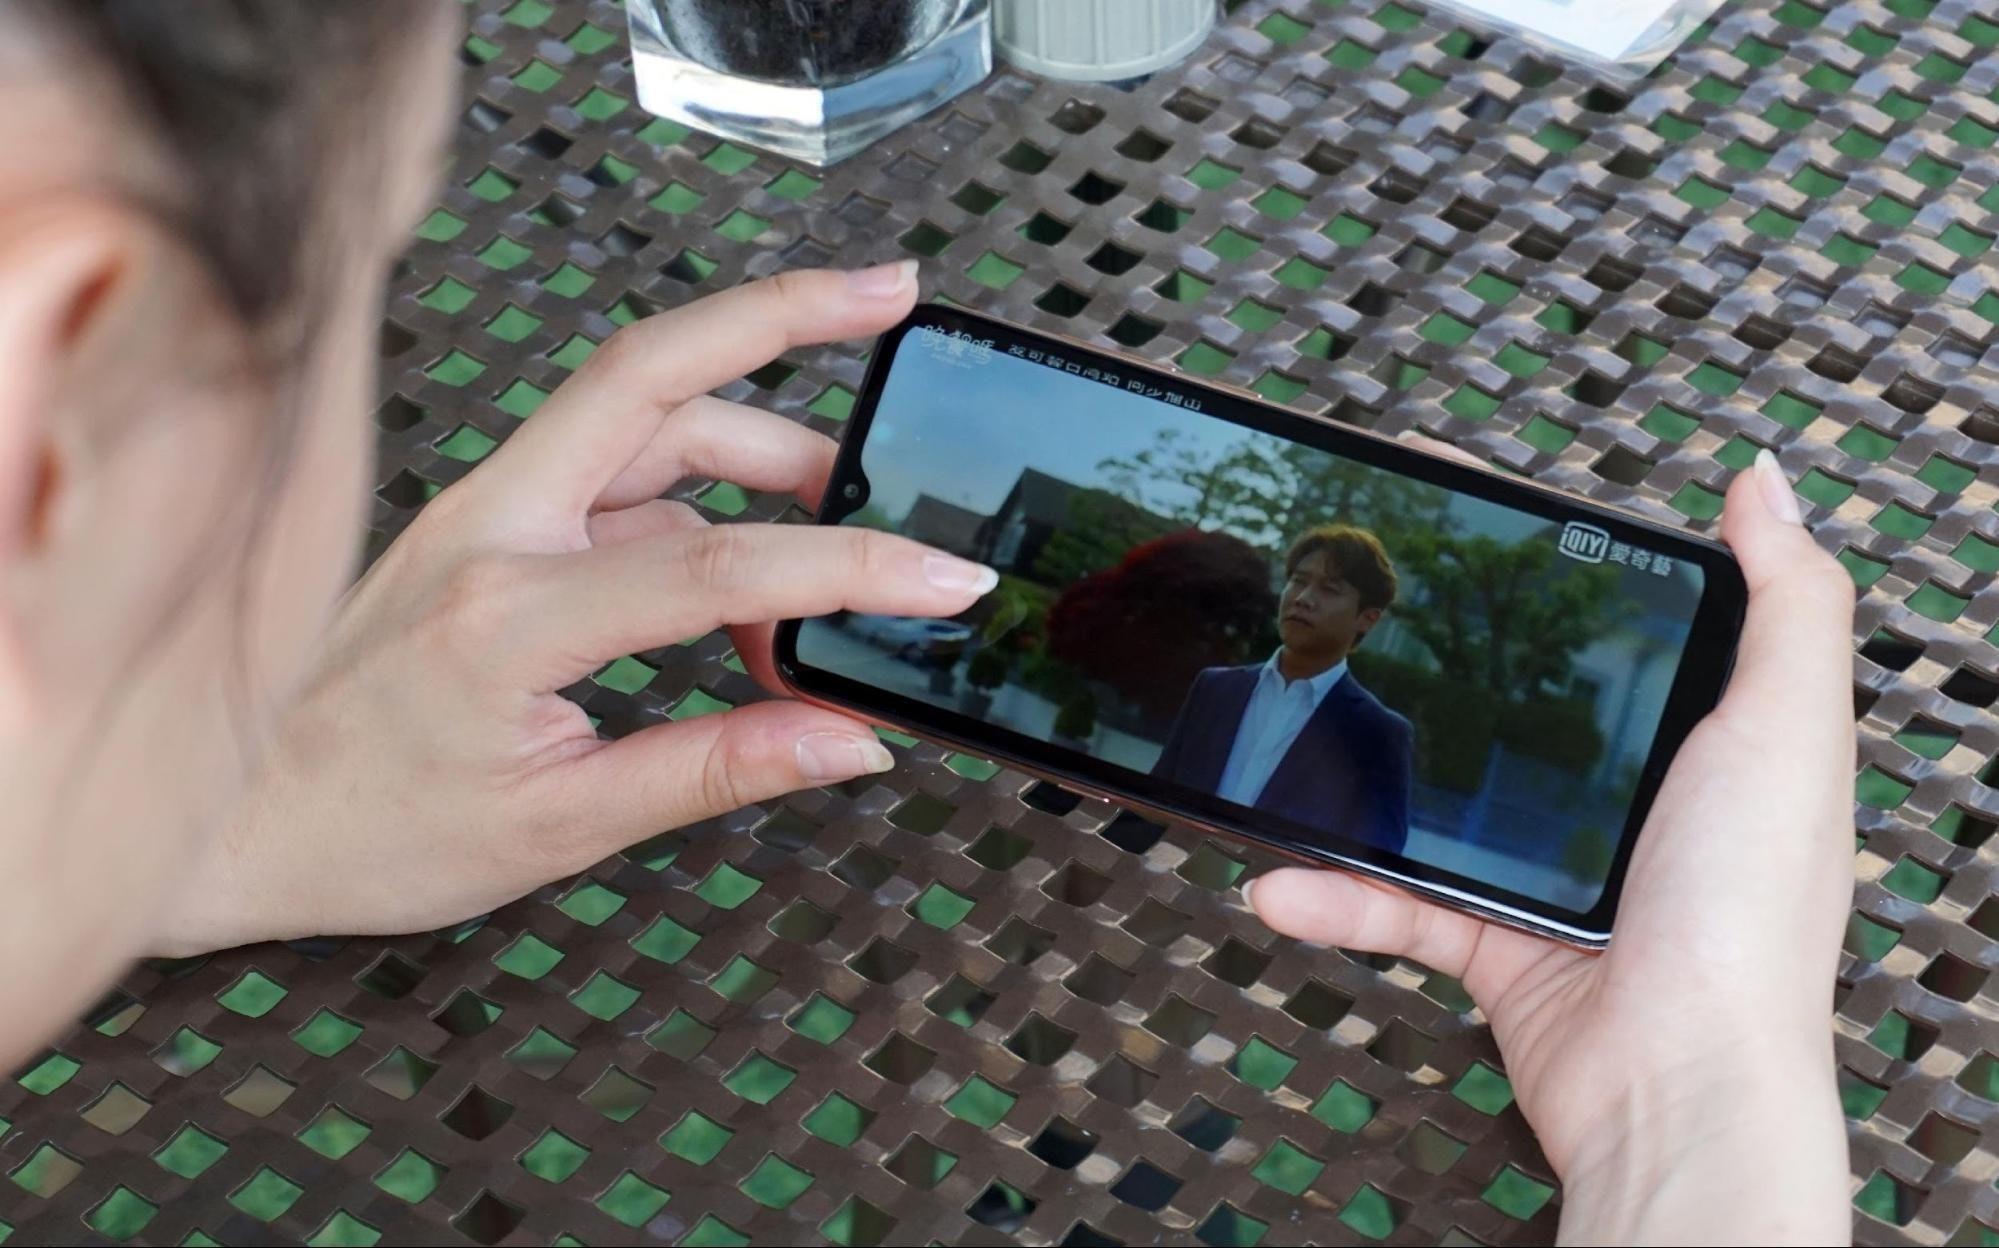 照片中提到了QIY,跟超越肉类有关,包含了移动电话、移动设备、电子产品、移动电话、苹果手机